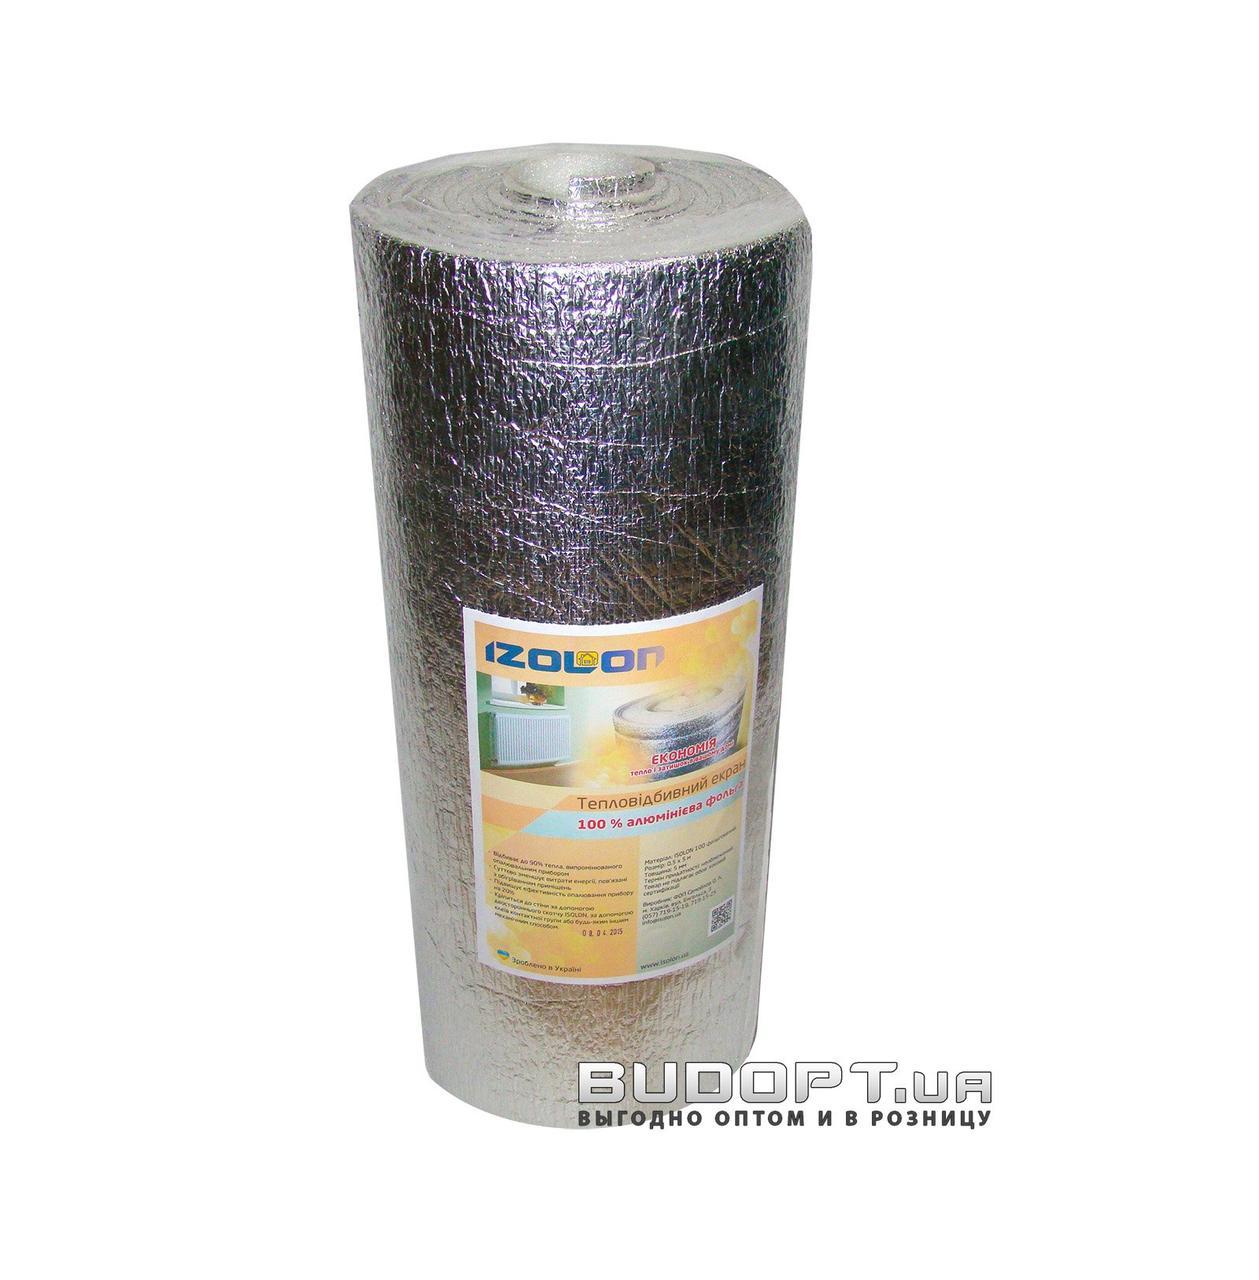 Фольгированный утеплитель, теплоотражающий экран за радиатор отопления (батарею) 45см х 5м х 5мм - O-SPORT - спортивные товары оптом и врозницу в Харькове